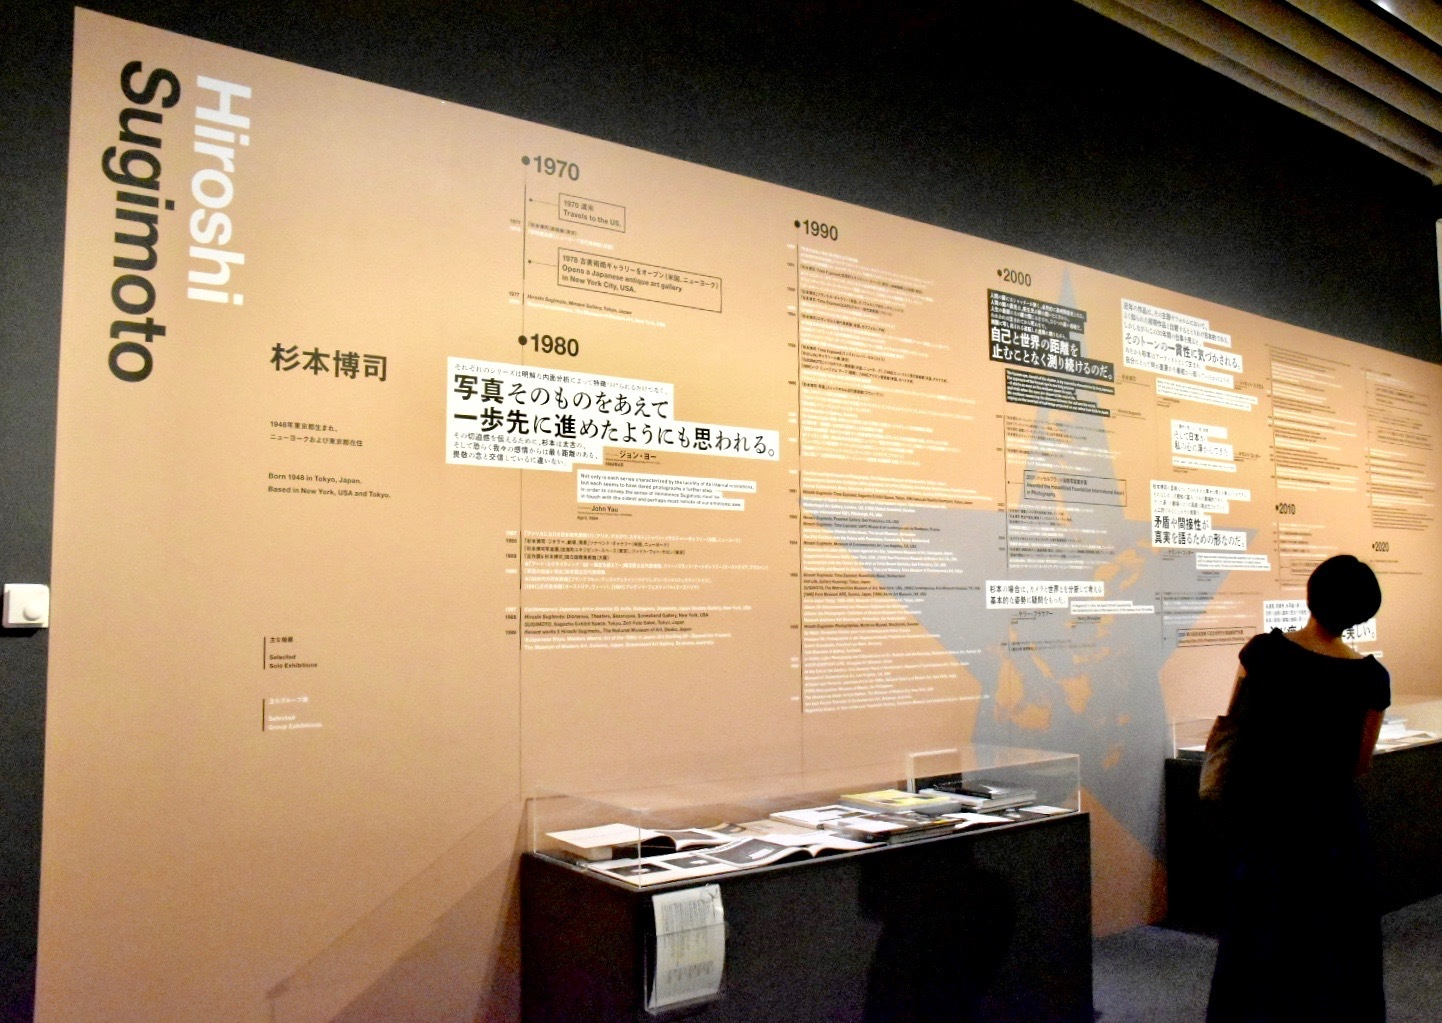 アーティスト関連資料(展示風景)